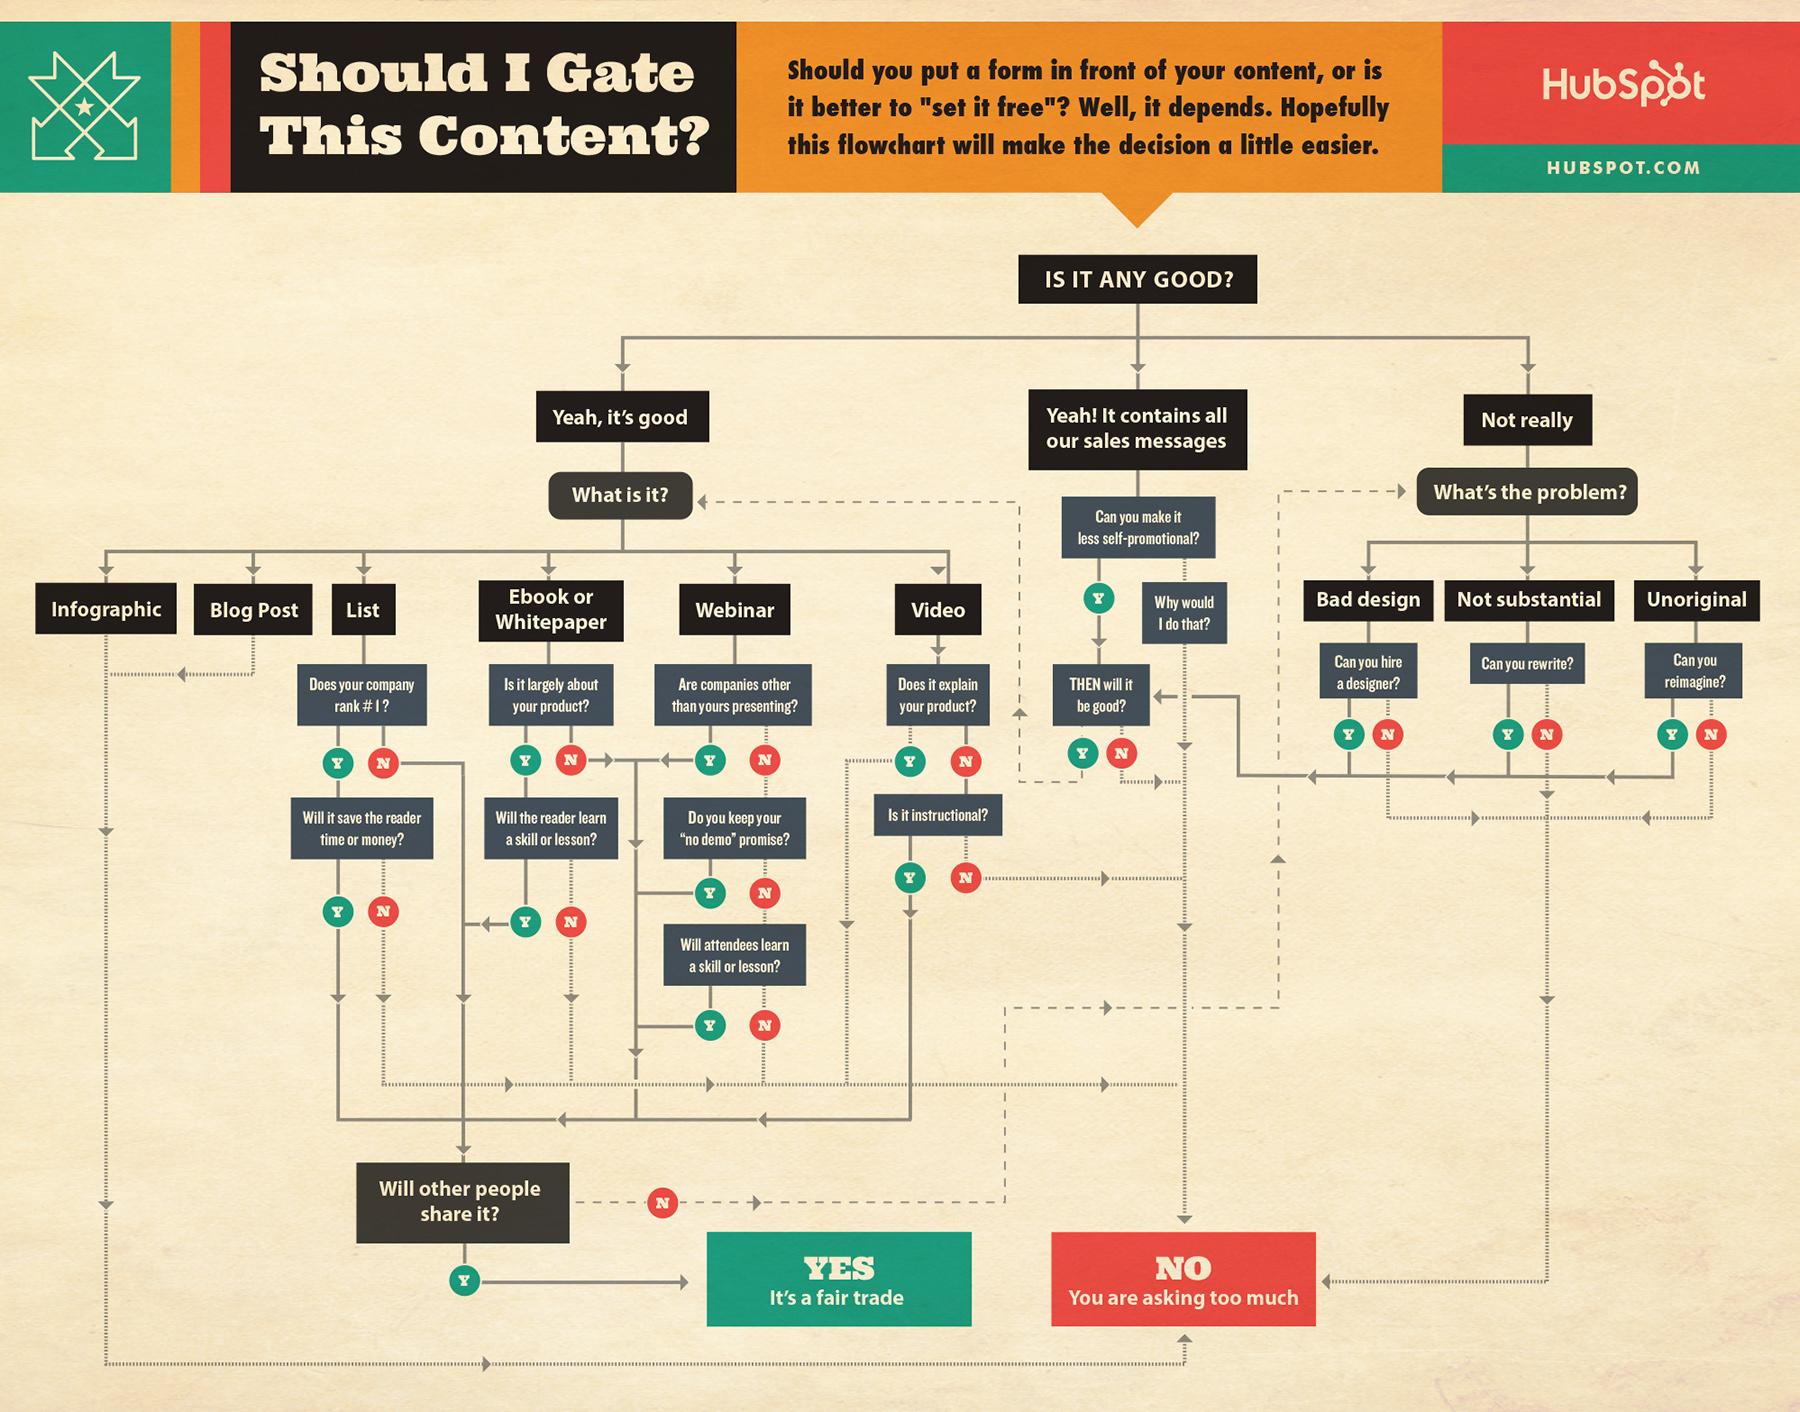 Should-I-Gate-Content-Flowchart-HubSpot